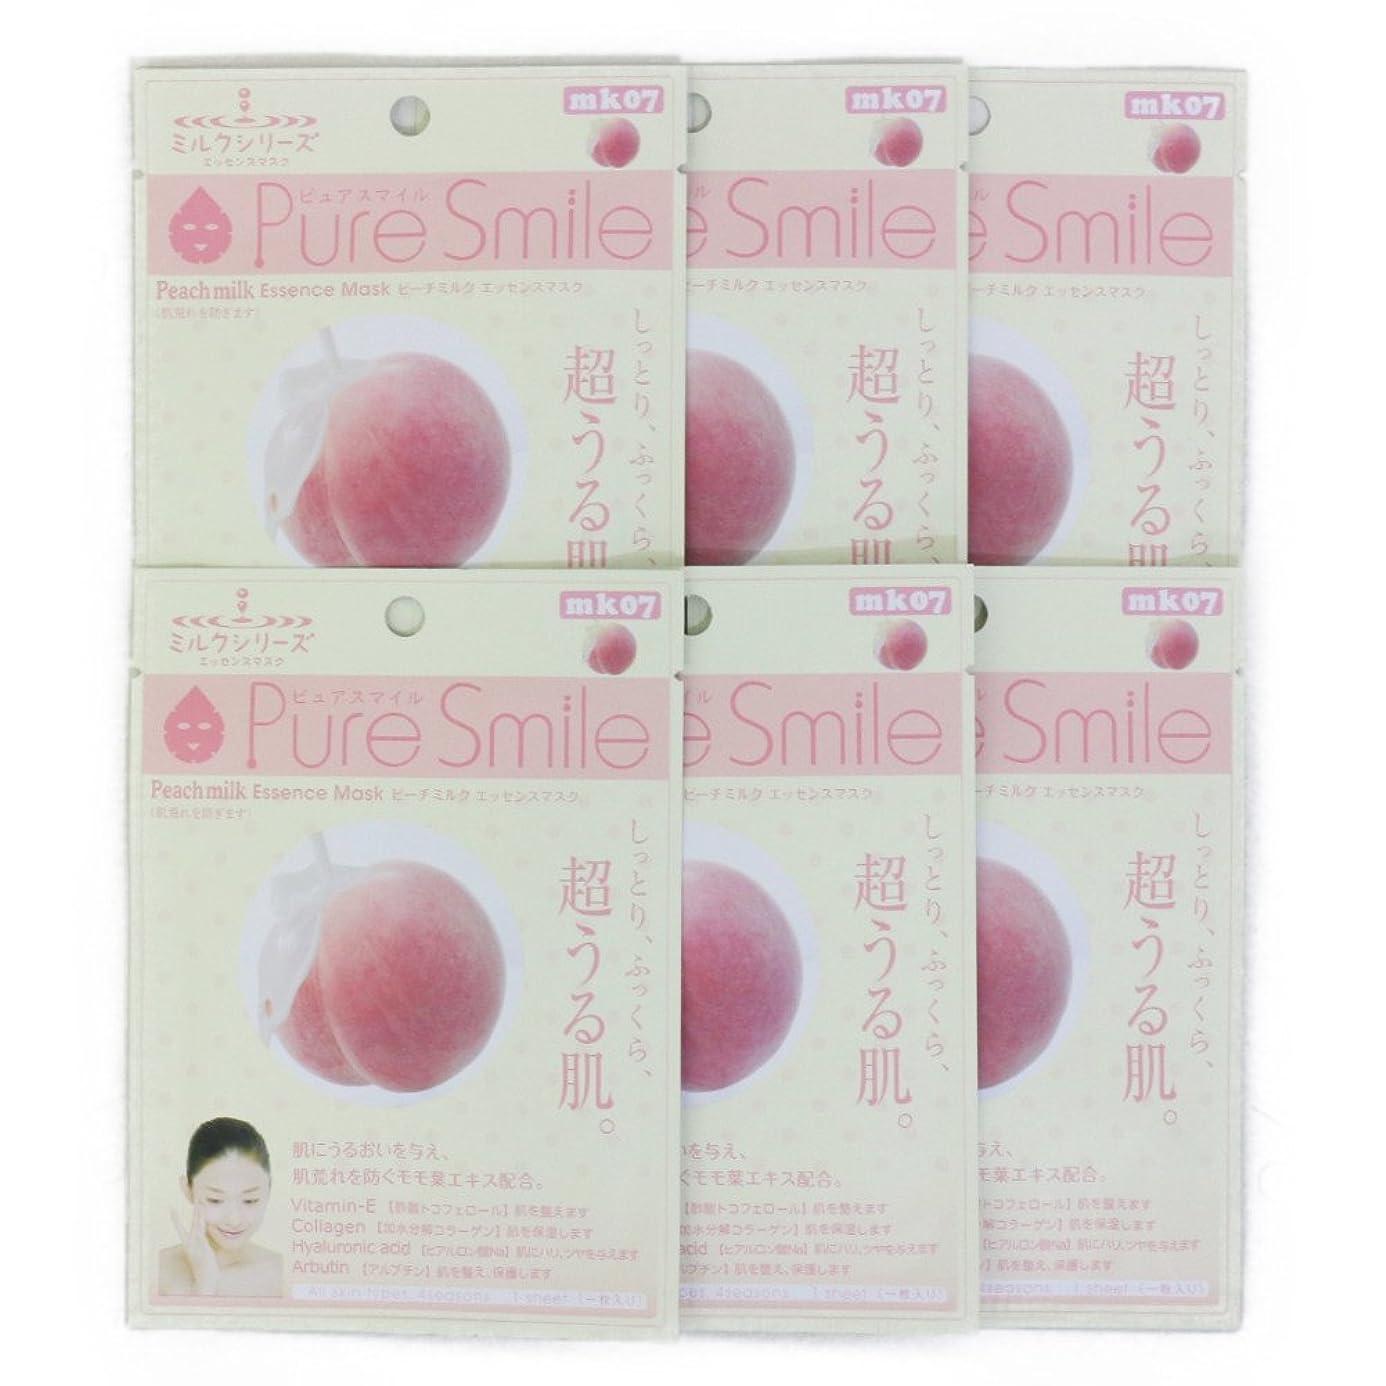 地下申し立てられた保育園Pure Smile ピュアスマイル ミルクエッセンスマスク ピーチミルク 6枚セット